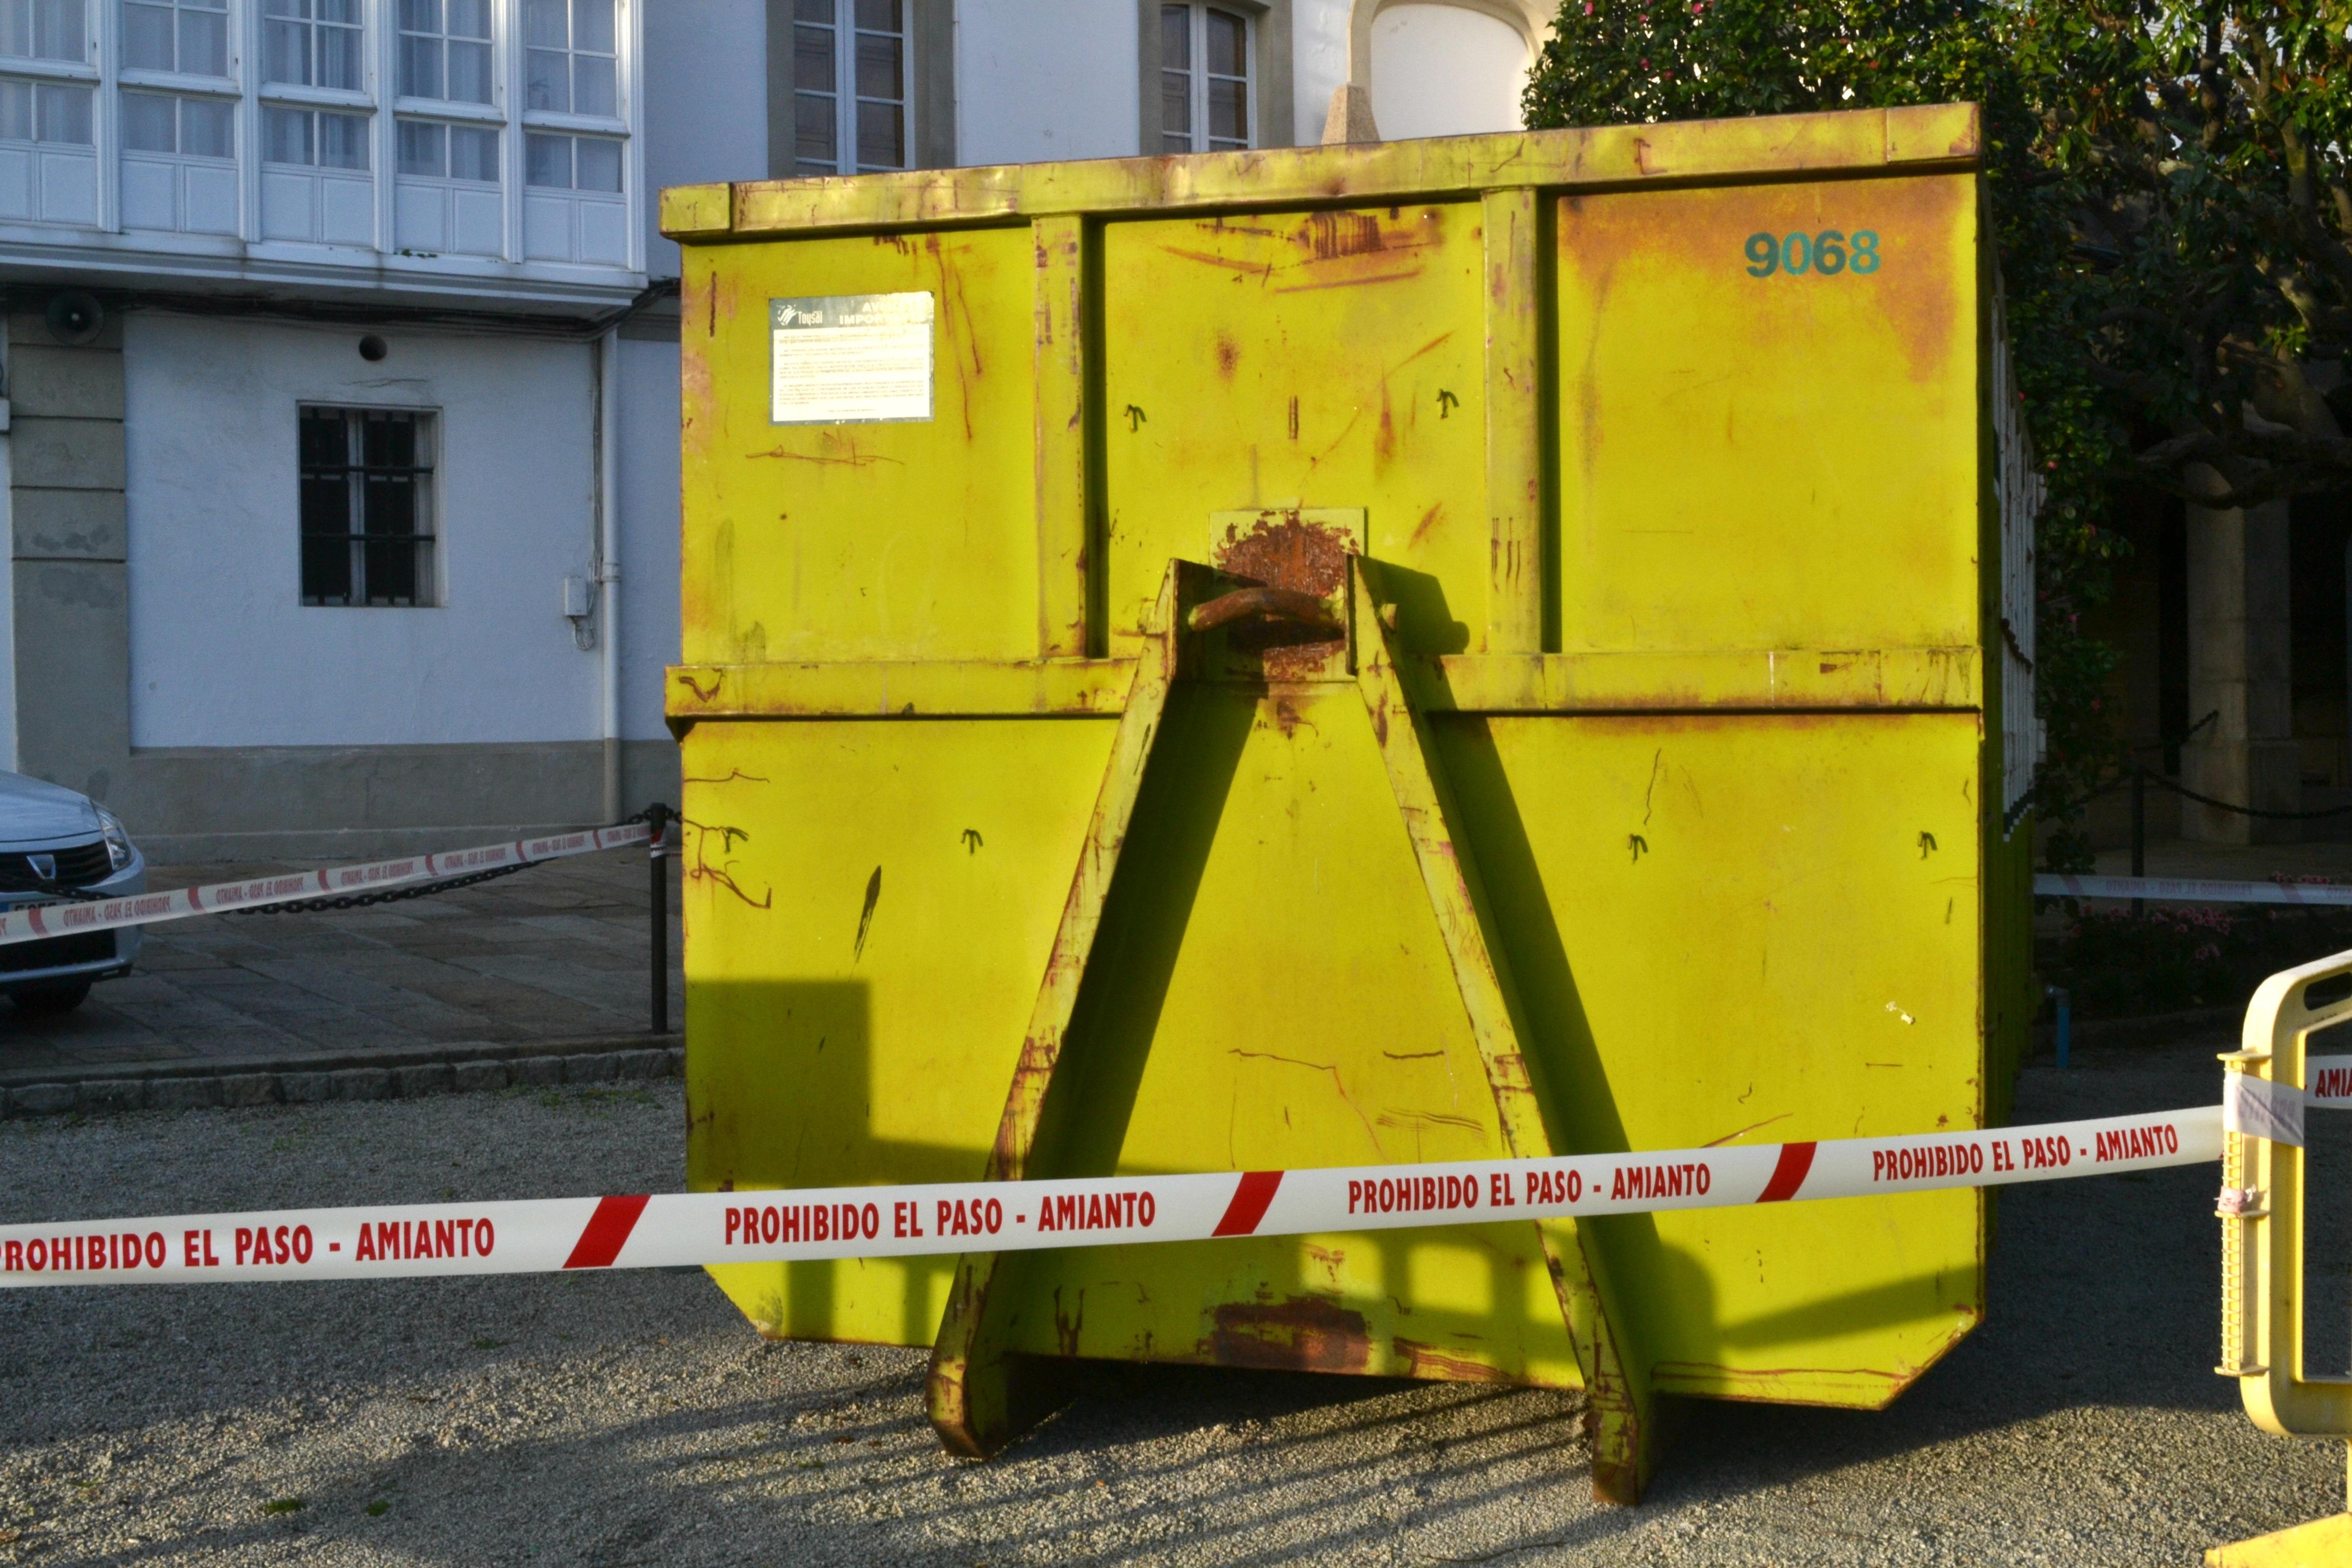 Contenedor con una banda de prohibición por amianto situado al lado del puerto de Ferrol | ©Andrea Oca